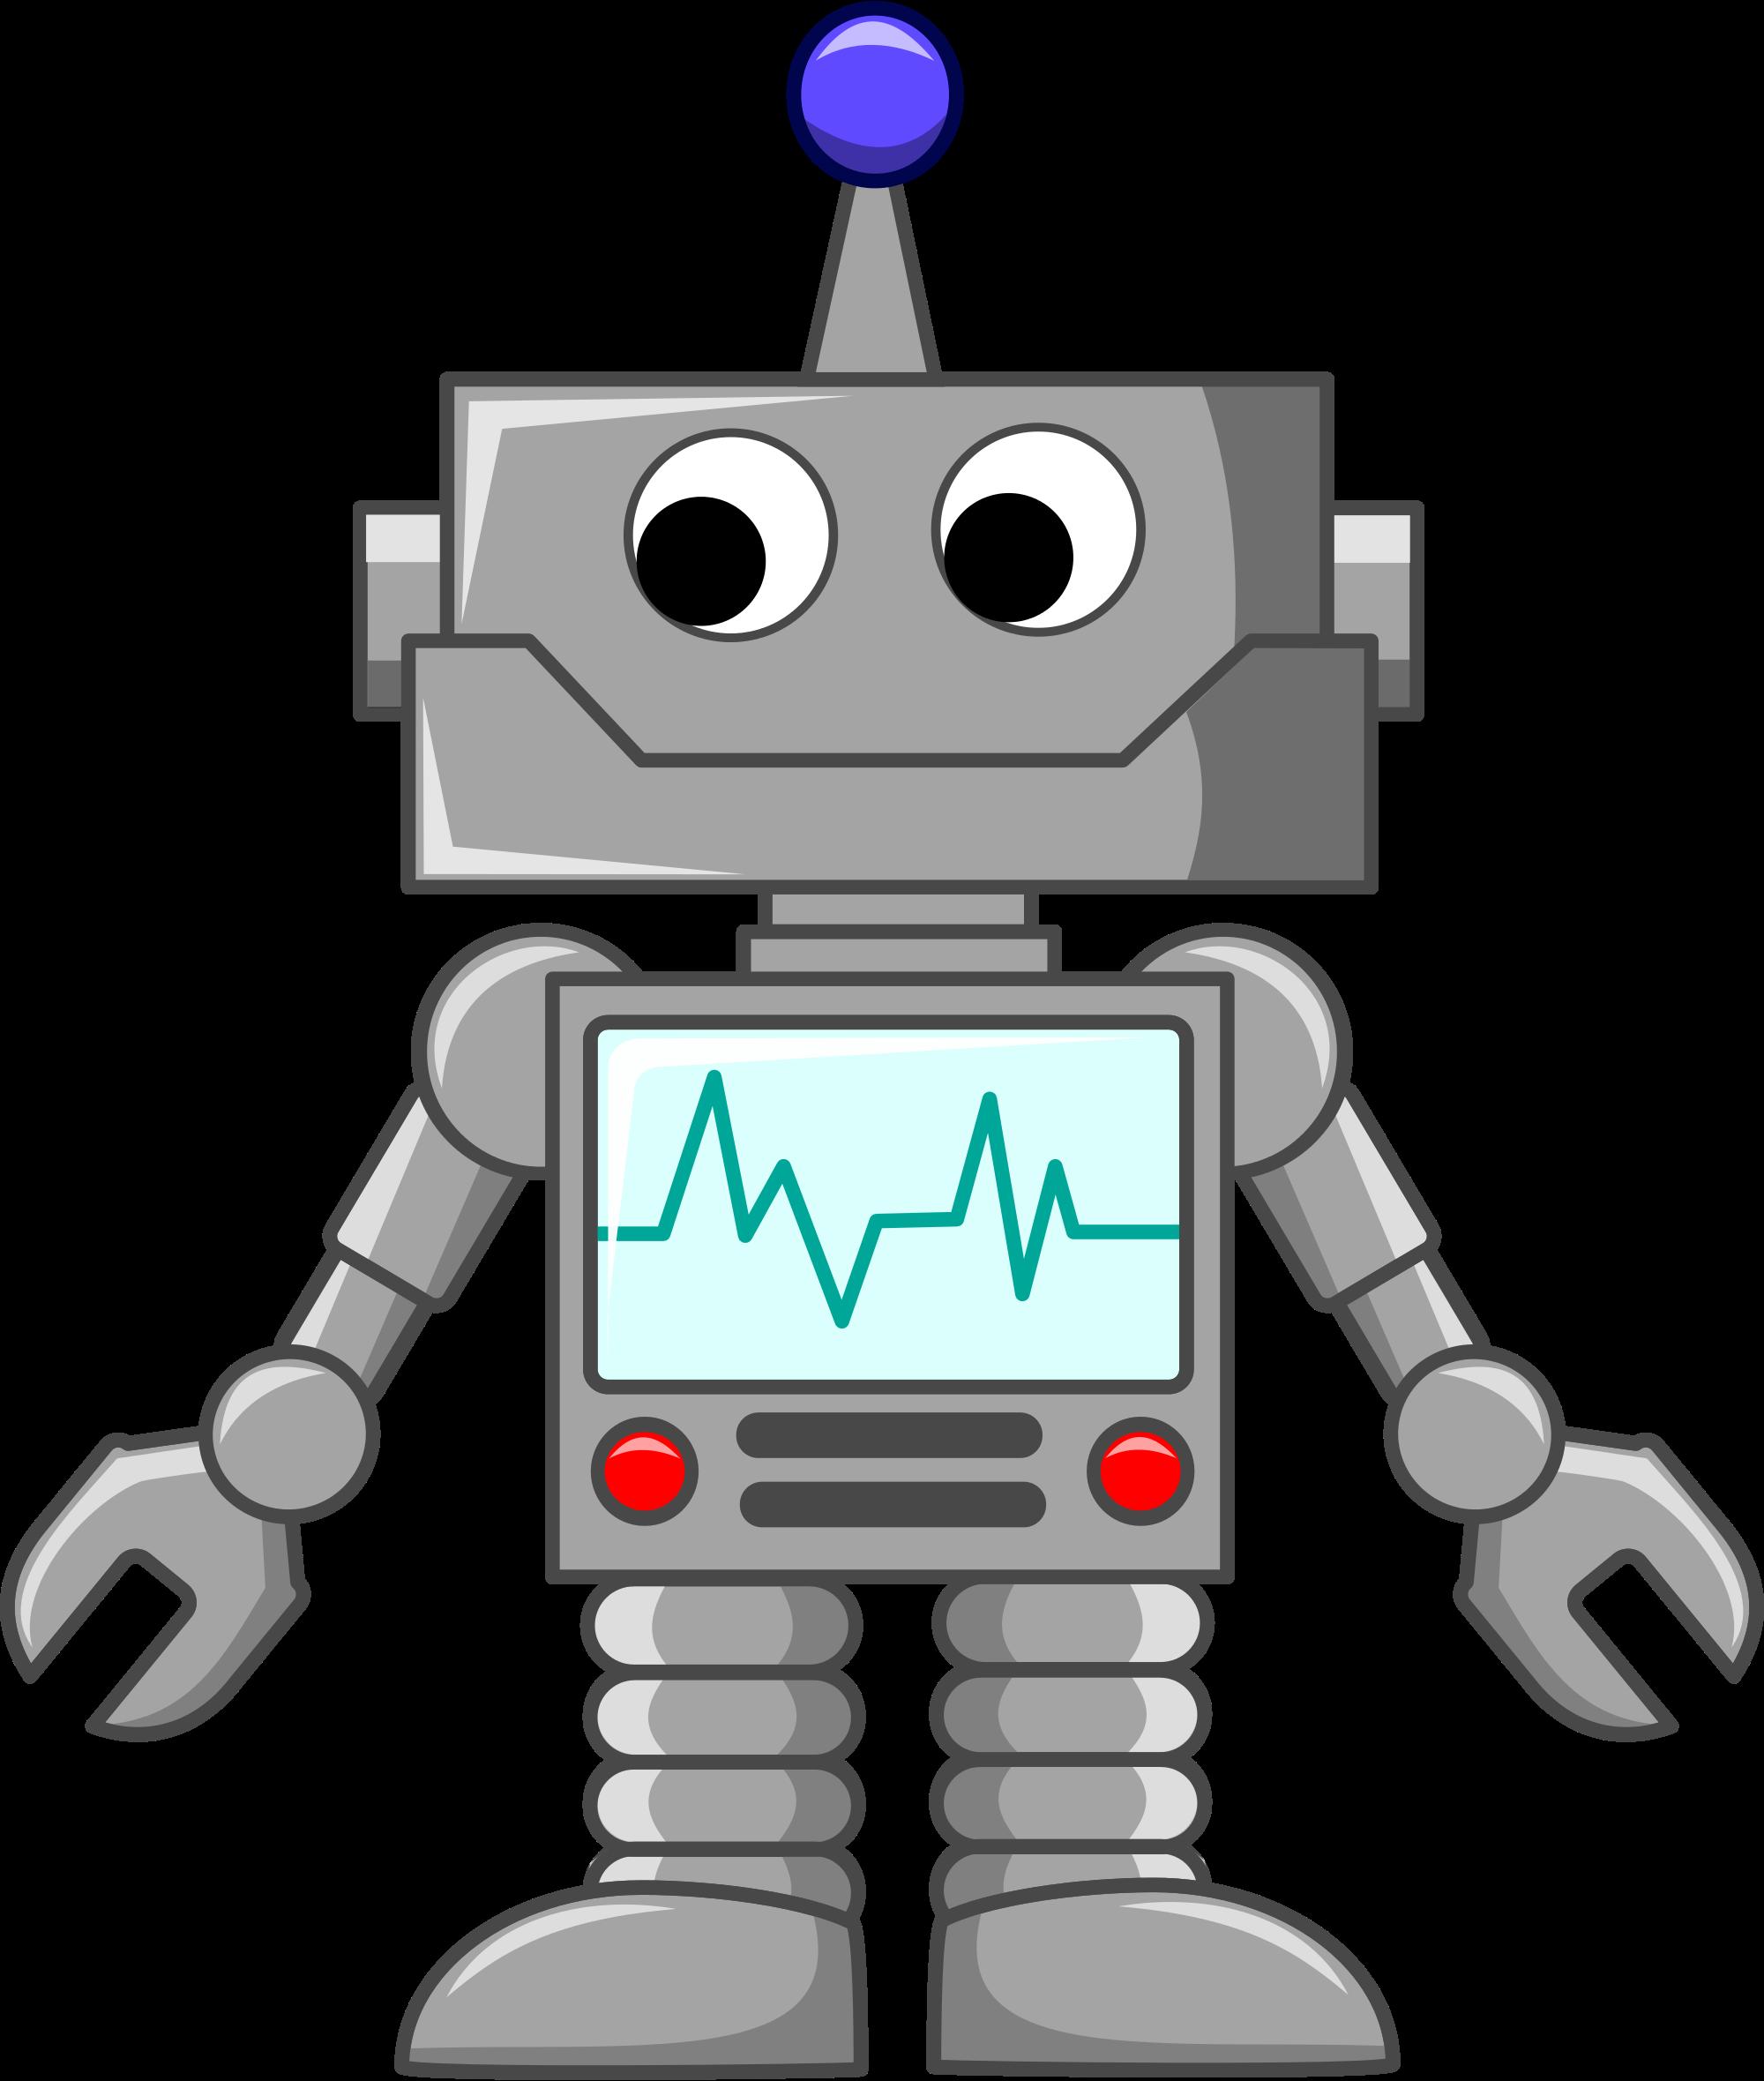 Caroon Robot.